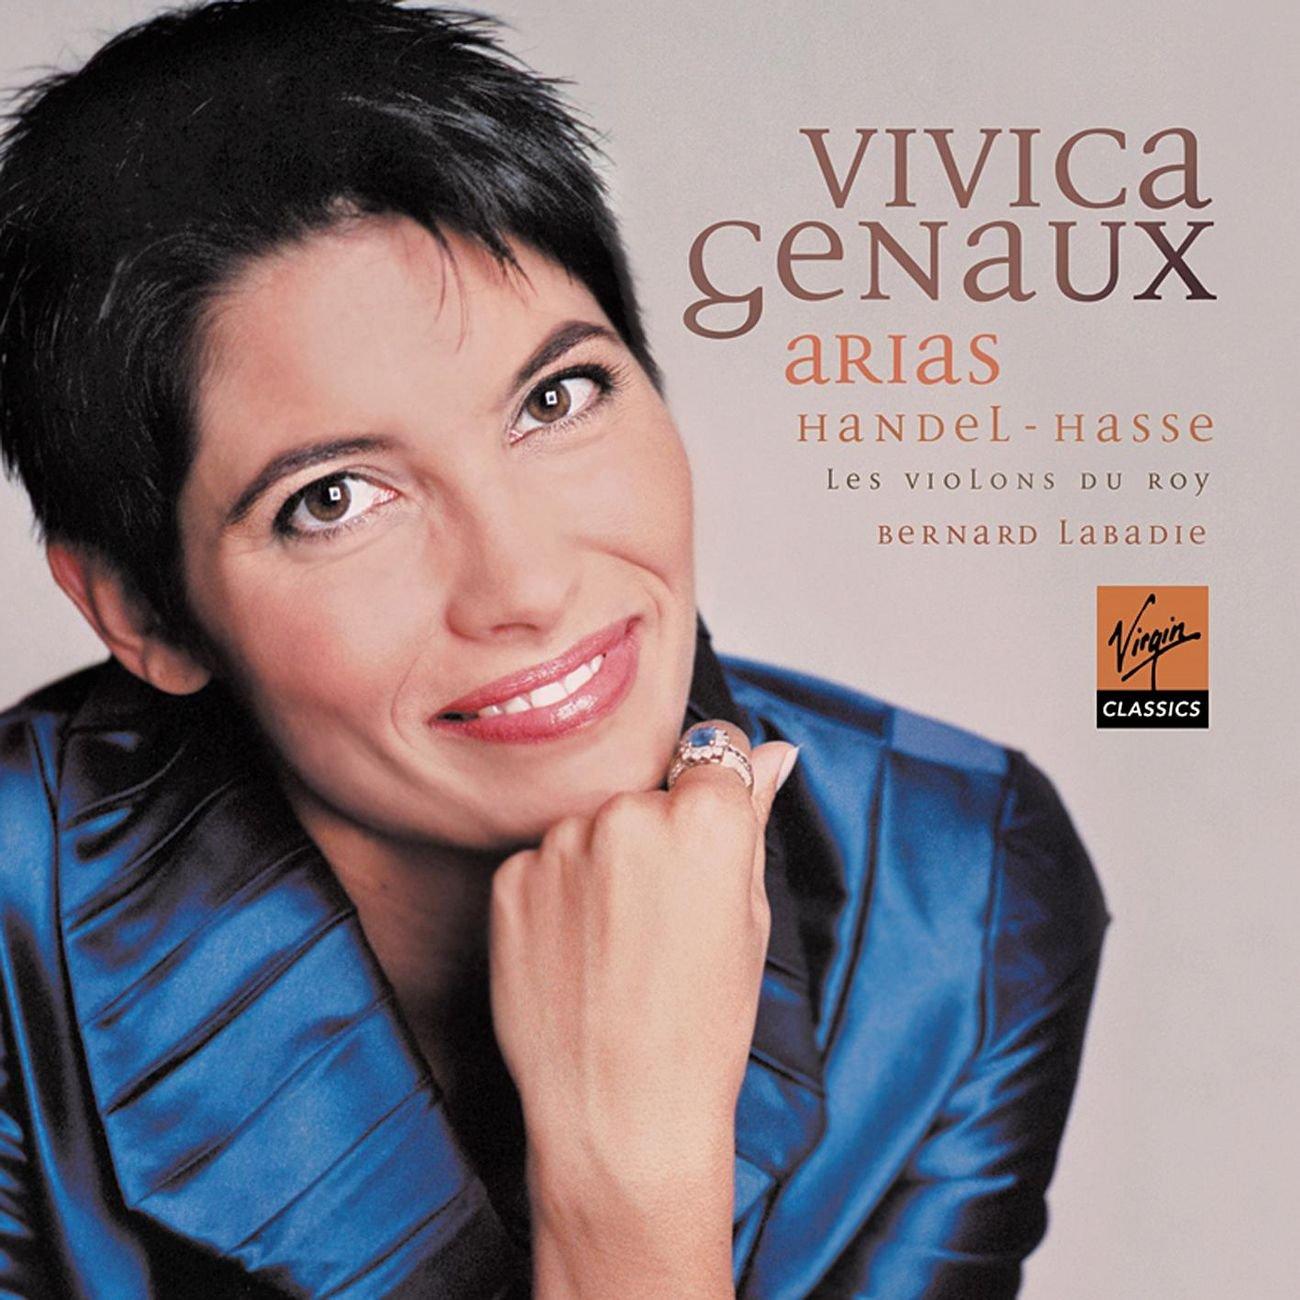 Vivica Genaux - Handel & Hasse Arias: Georg Friedrich Haendel ...